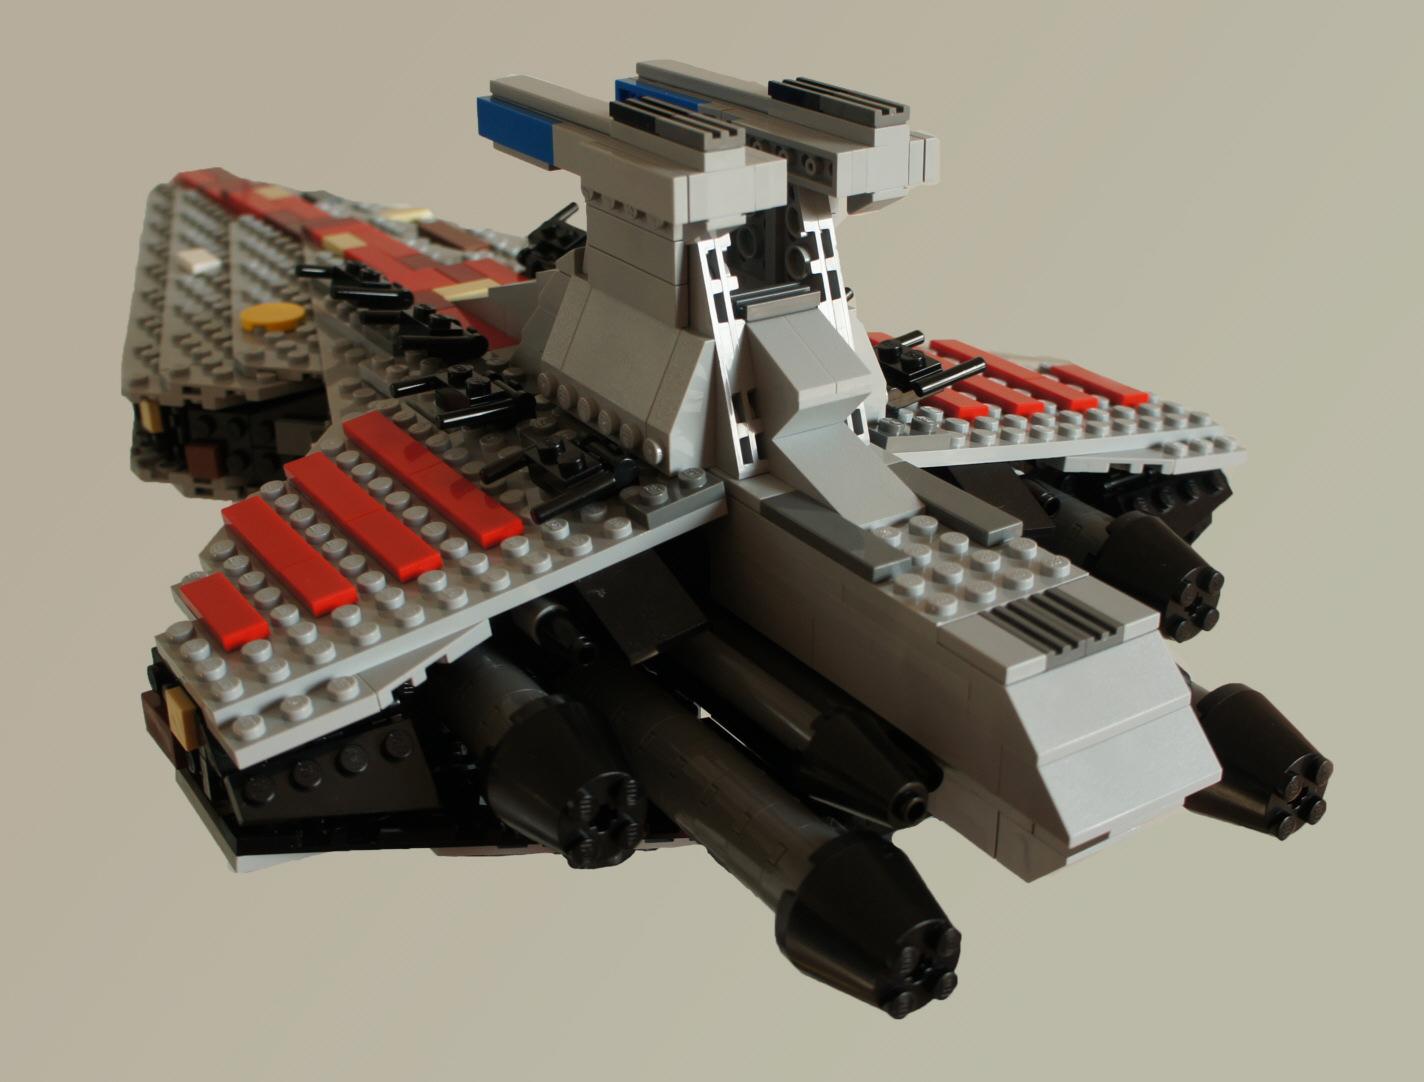 lego modell des star destroyers von j rg roth. Black Bedroom Furniture Sets. Home Design Ideas